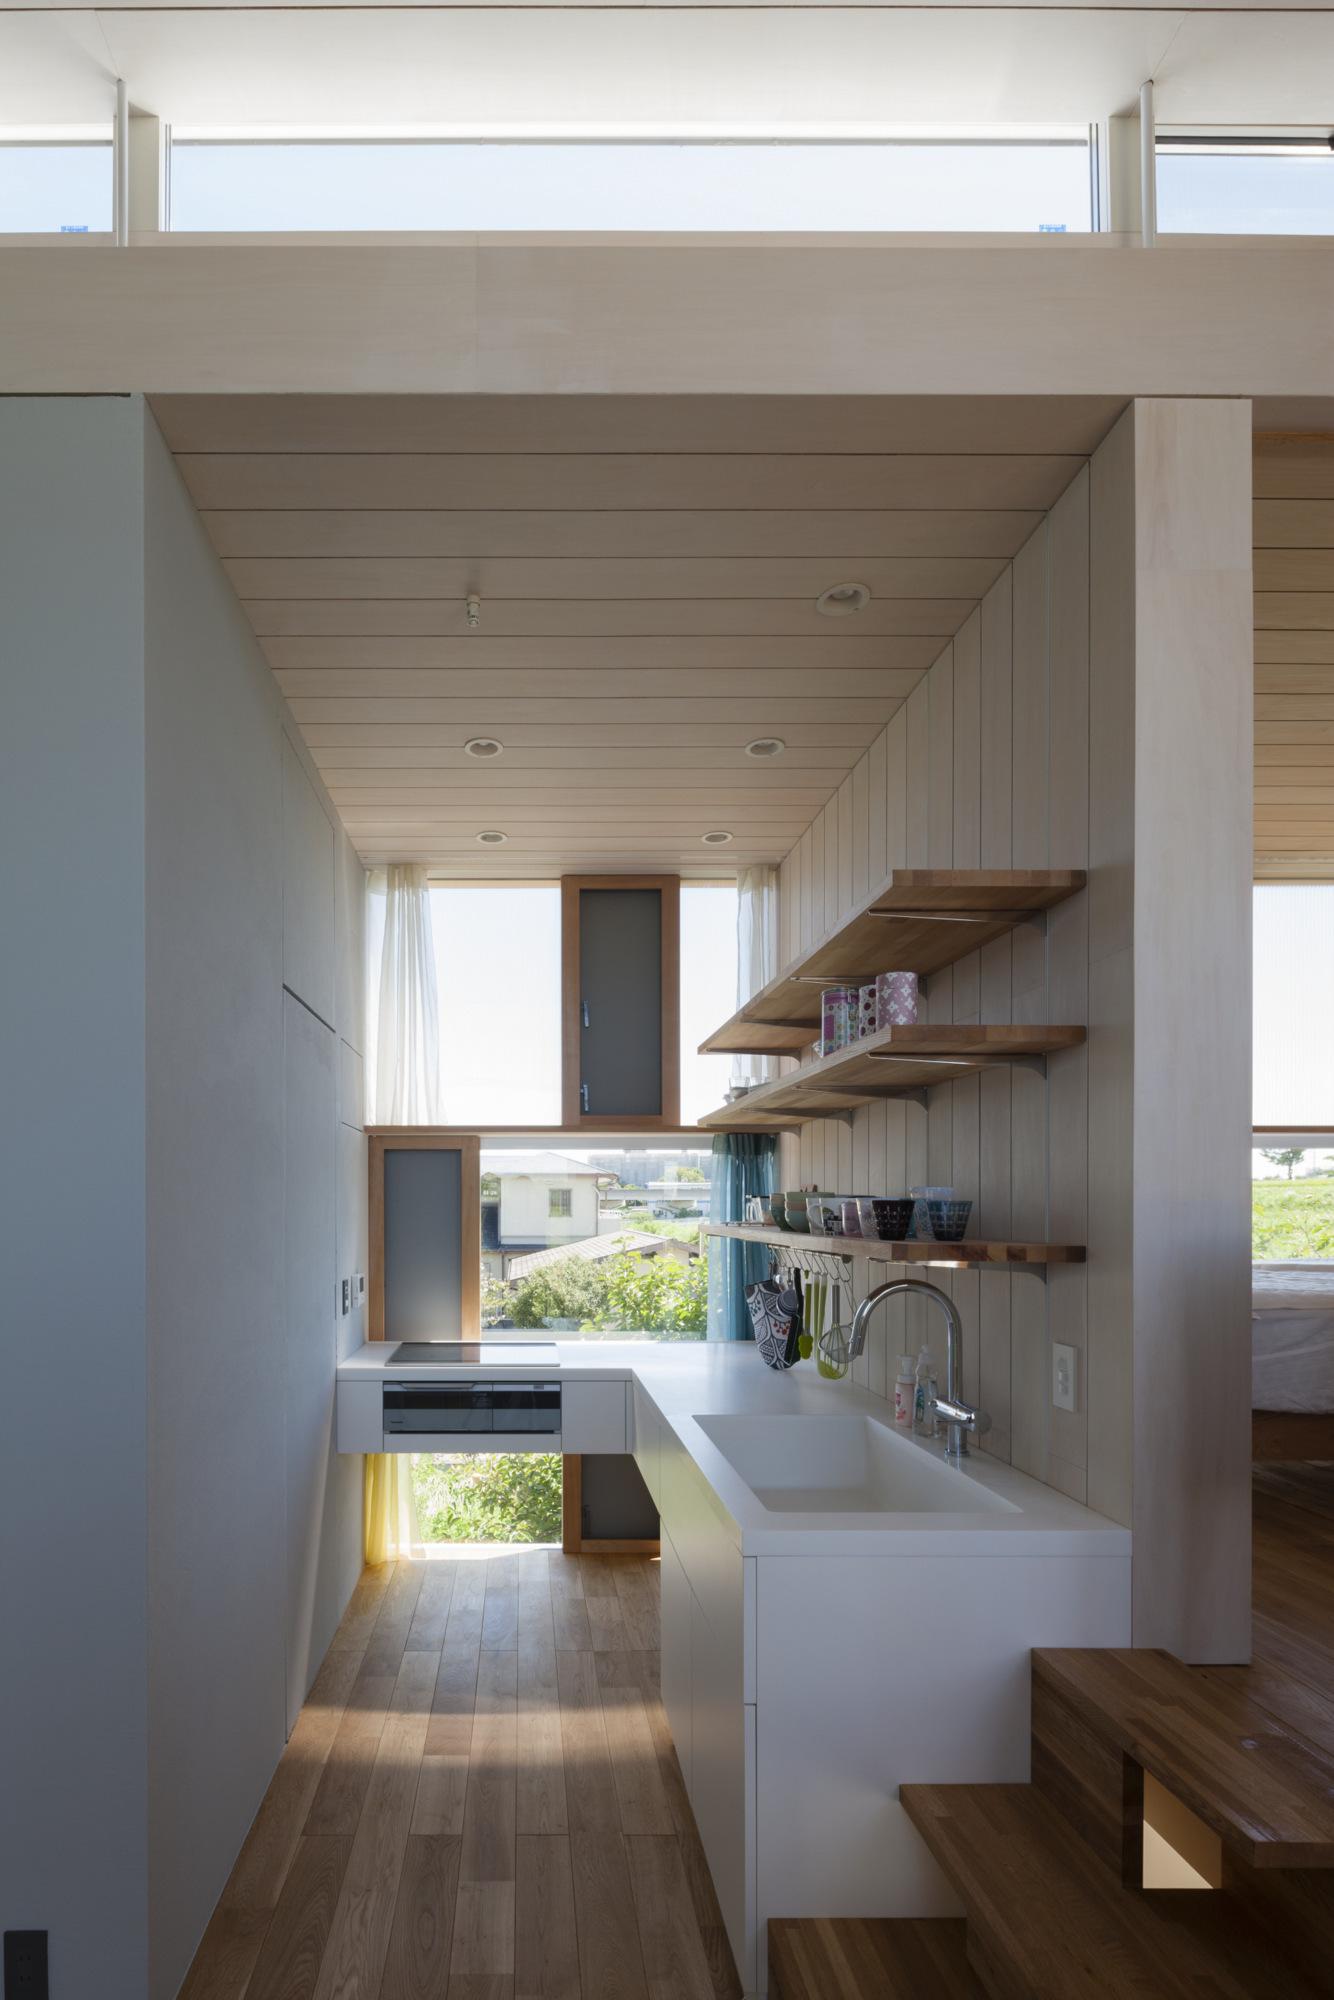 House Passage of Landscape / Ihrmk (12)